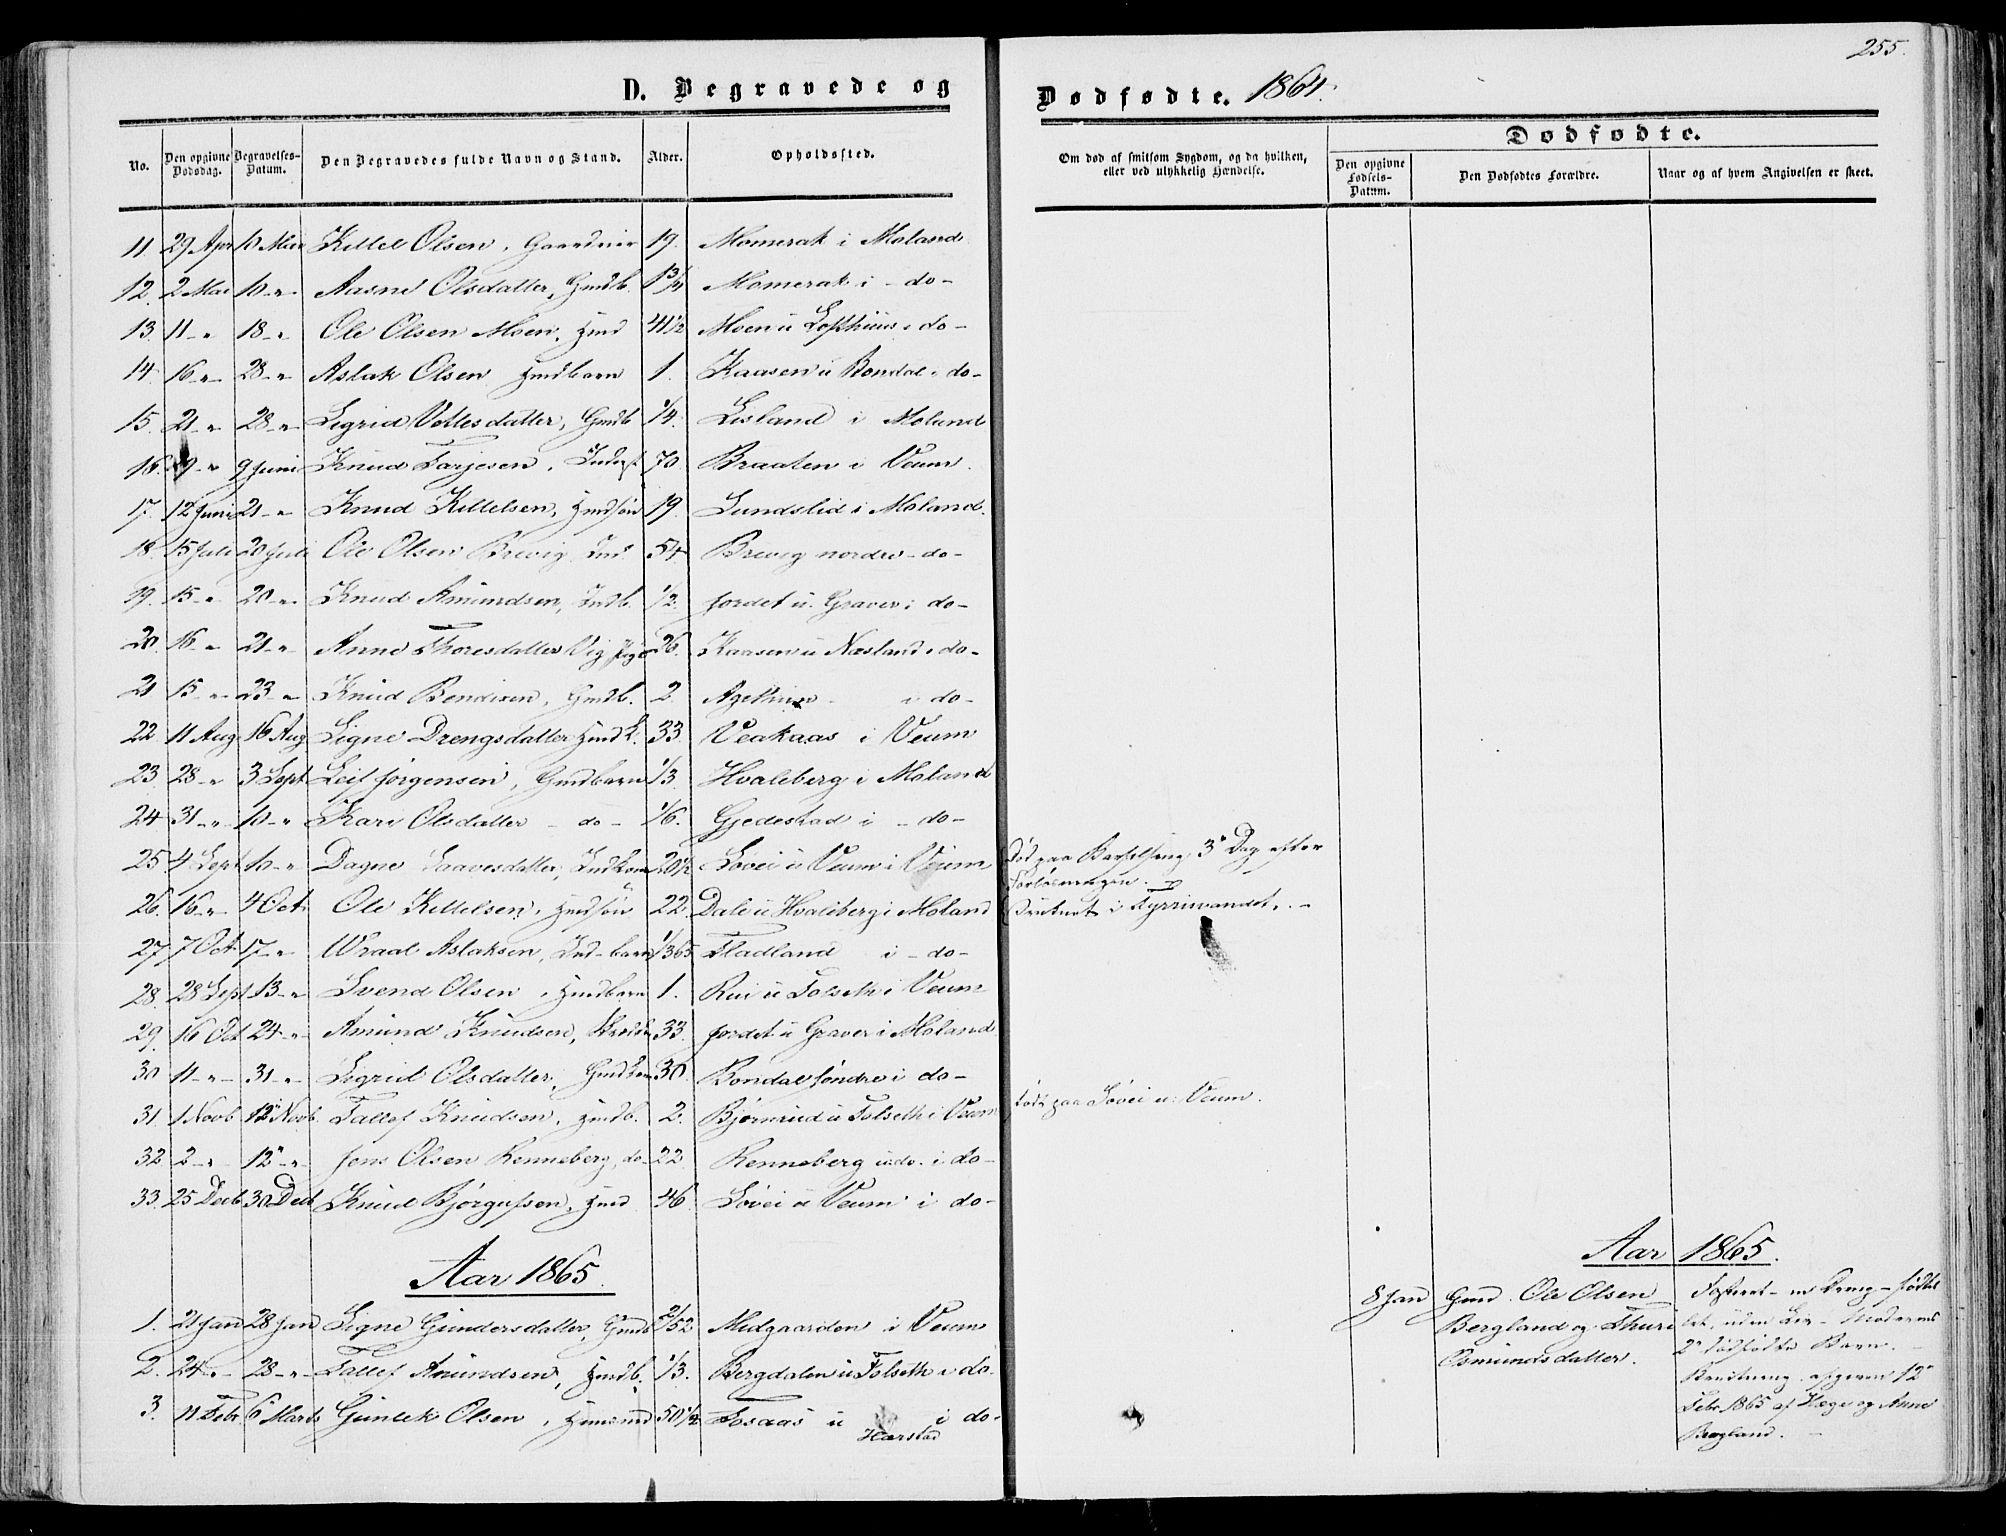 SAKO, Fyresdal kirkebøker, F/Fa/L0005: Ministerialbok nr. I 5, 1855-1871, s. 255